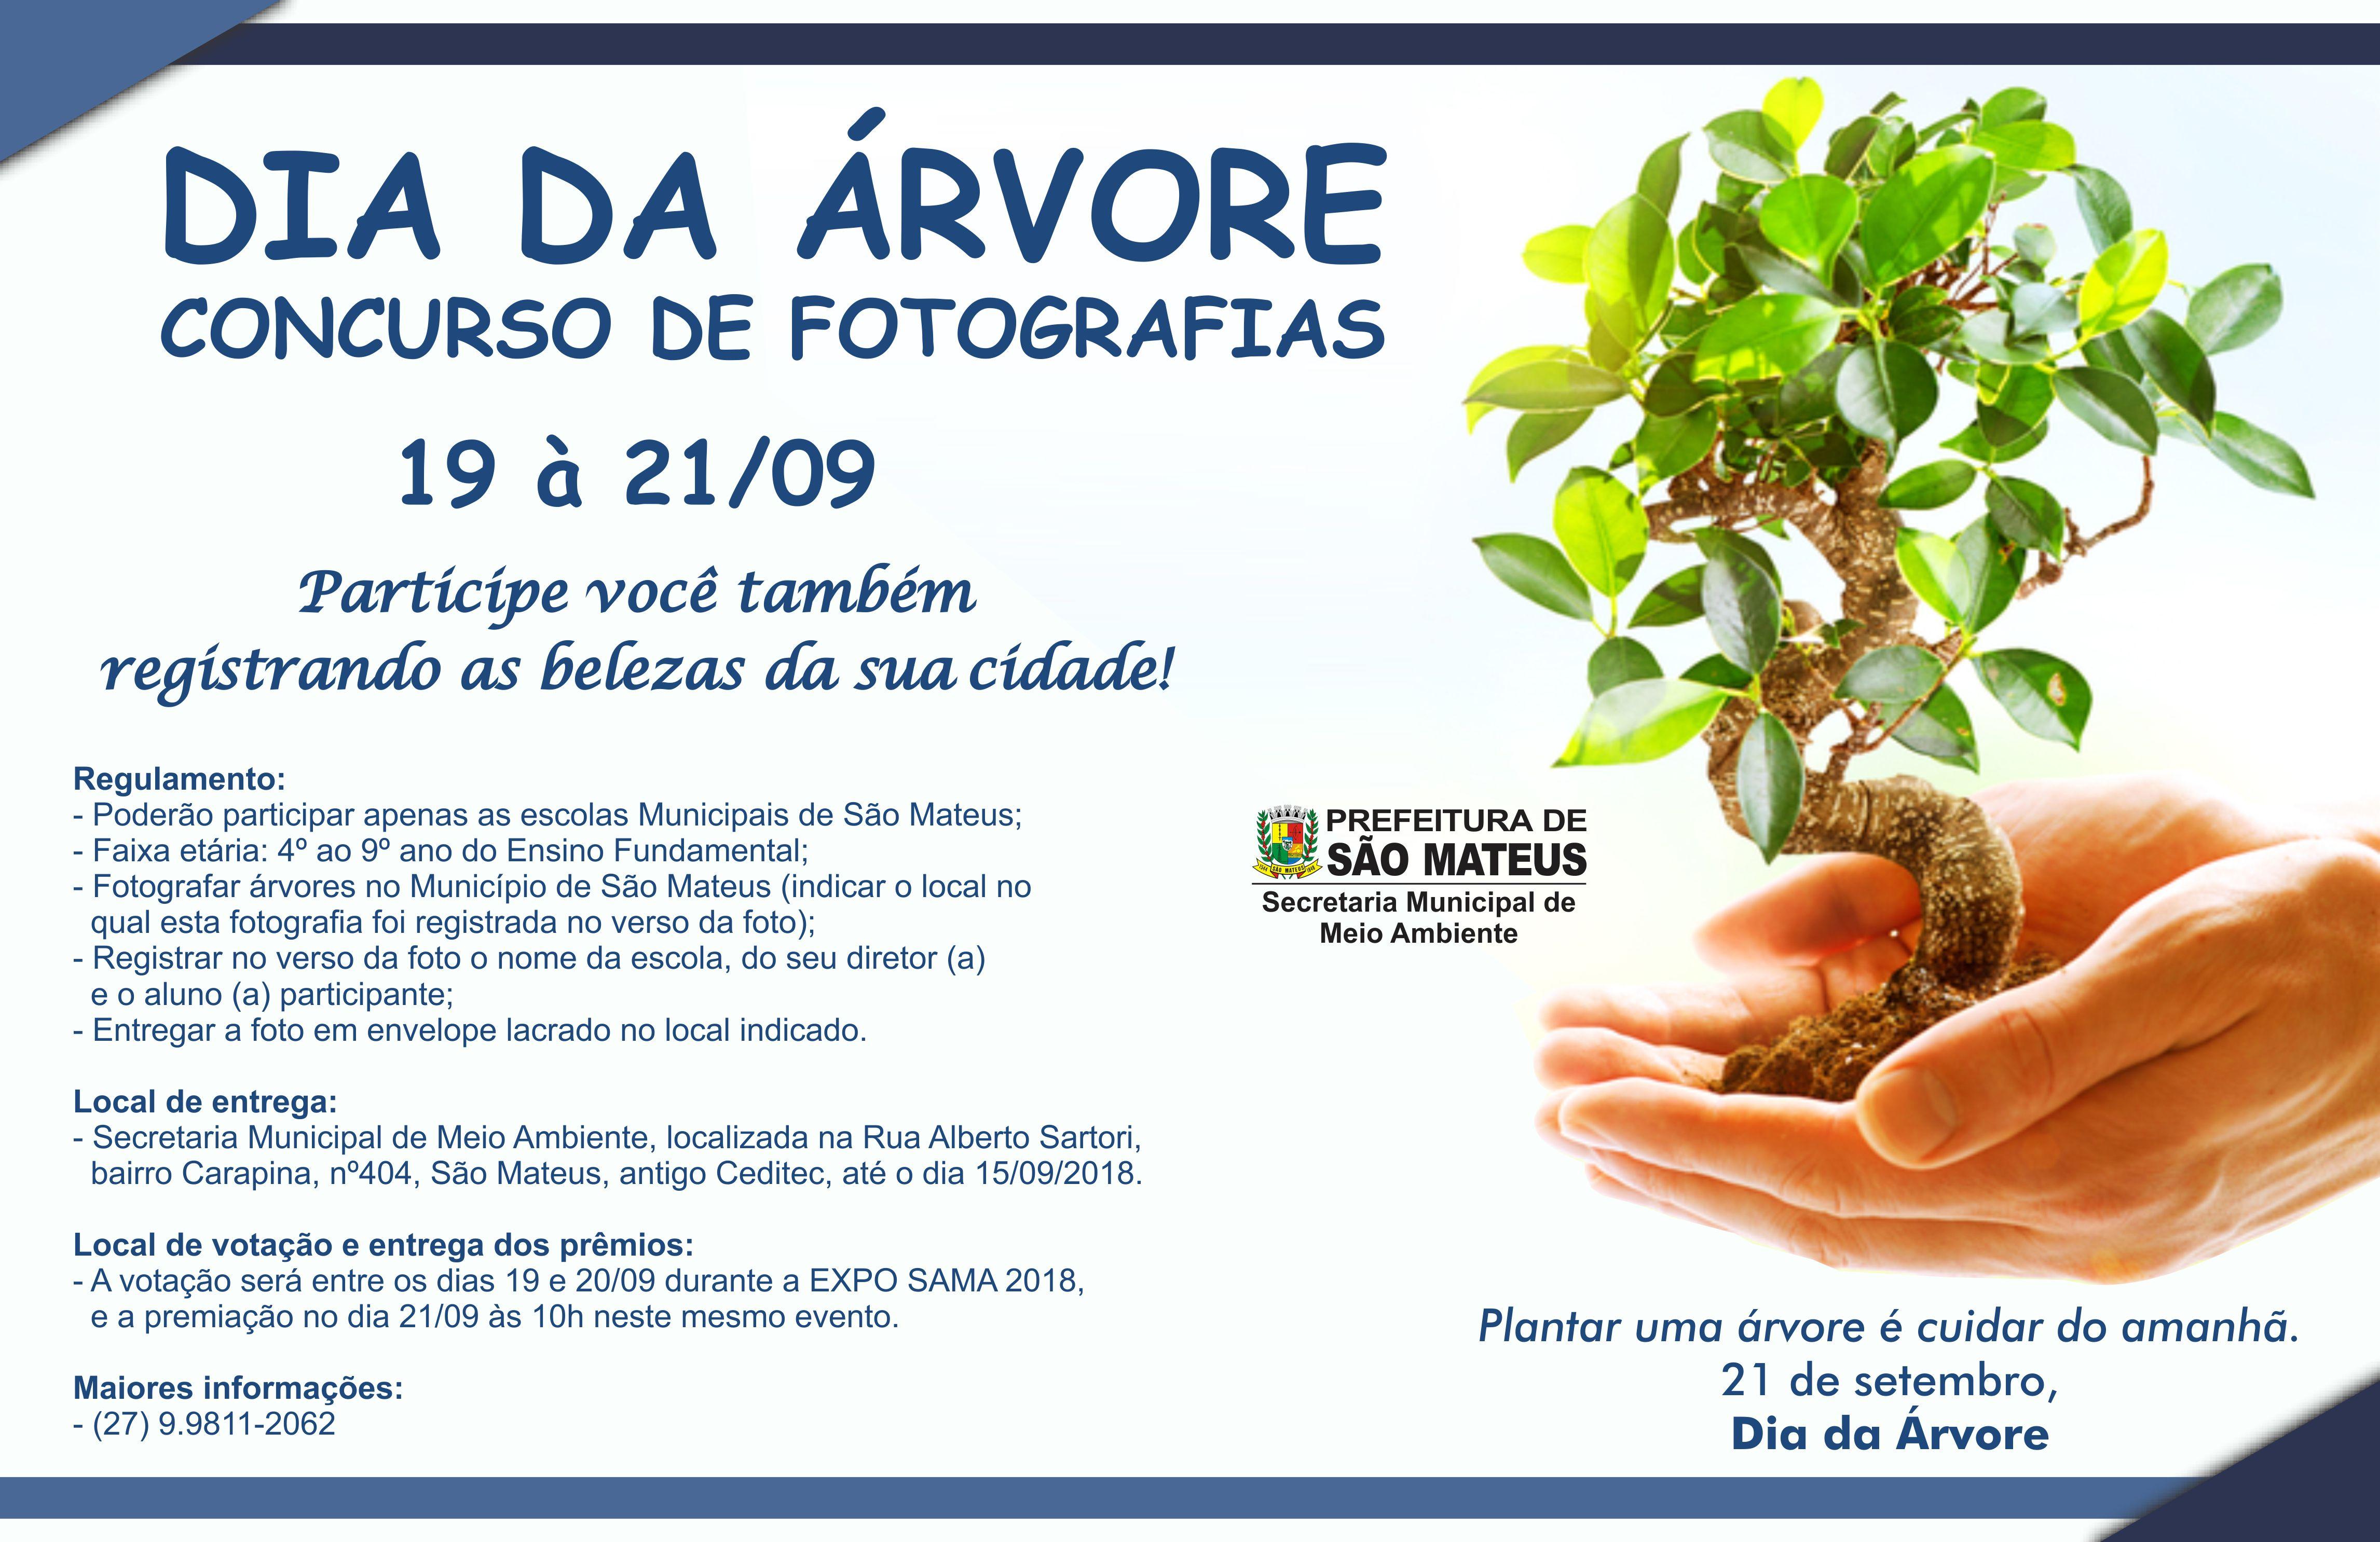 Dia da Árvore comemorado com concurso de fotografias em São Mateus